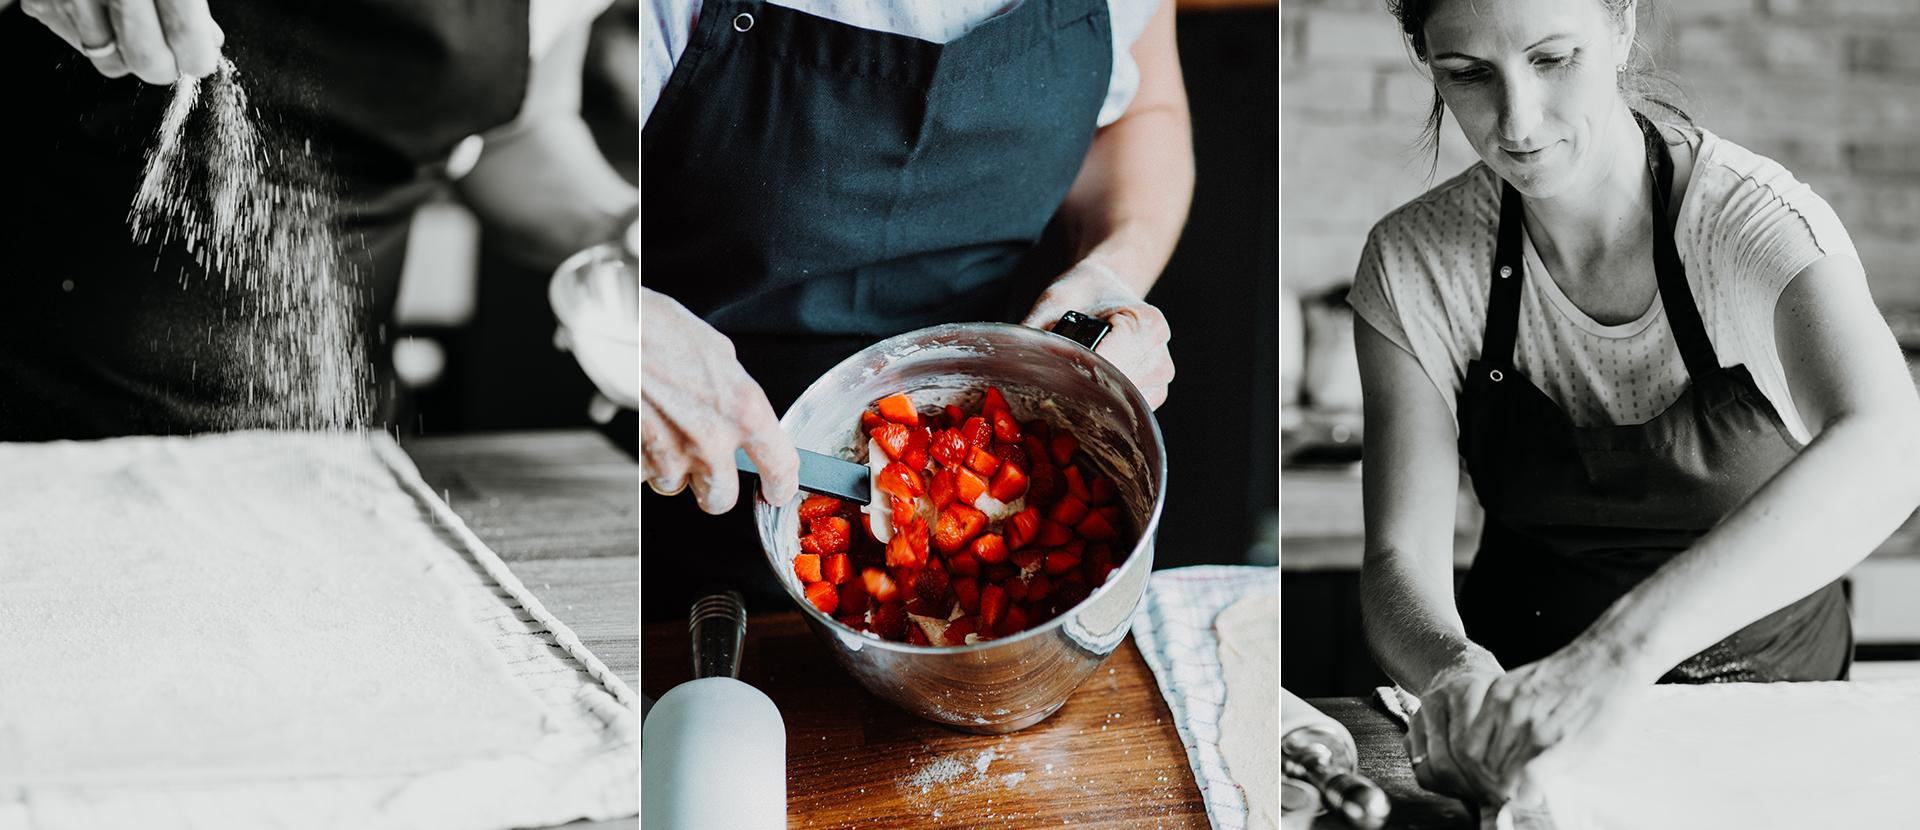 Mehl wird mit den Haenden auf Strudelteig gegeben. Frau ruehrt in einer Schuessel mit Erdbeeren. Frau zieht Strudelteig - Foodstyling Muenchen